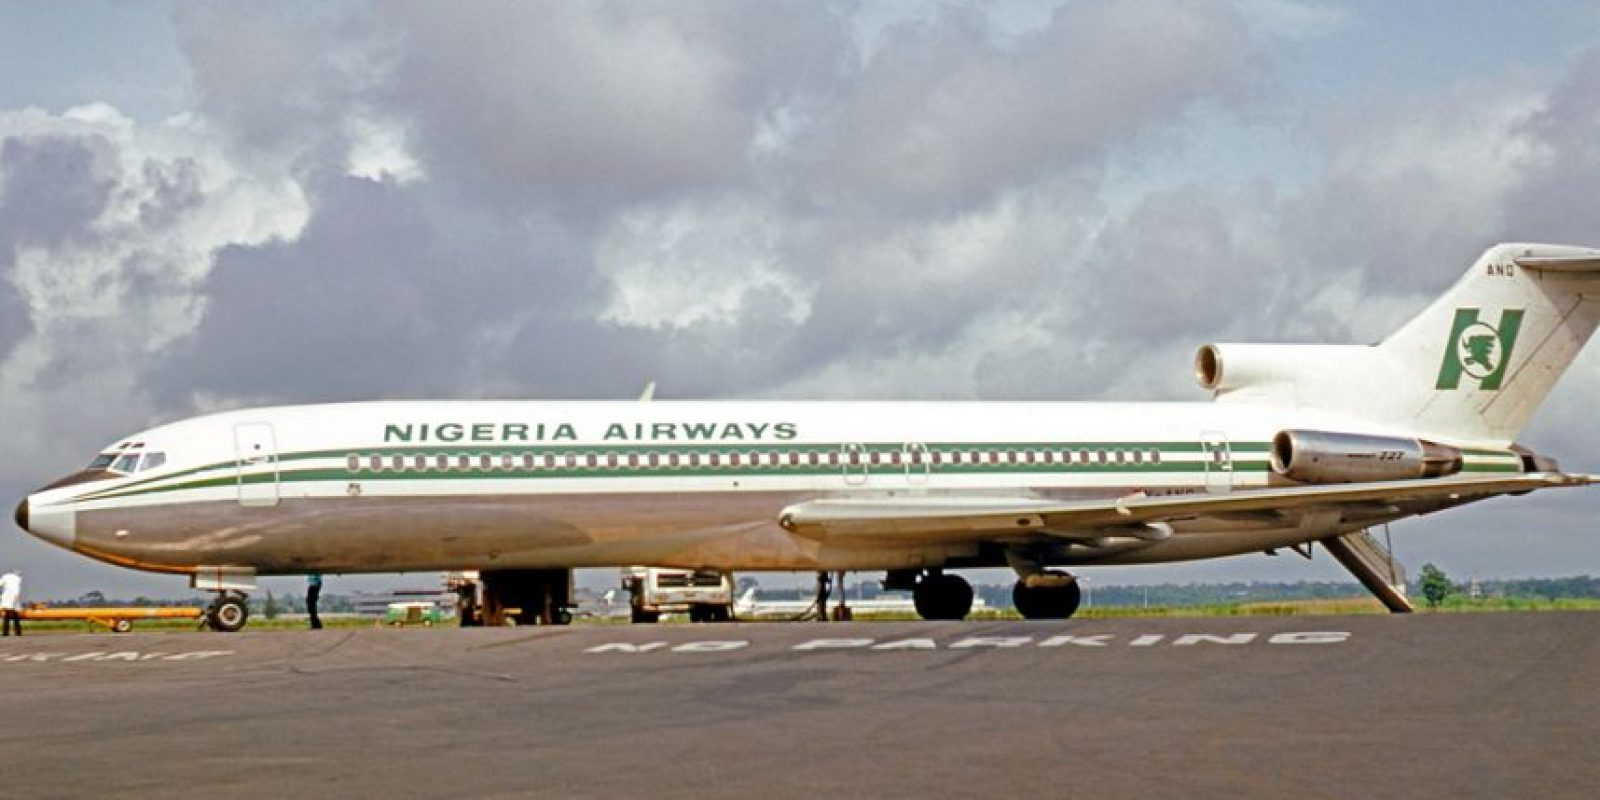 261 pasajeros musulmanes que se dirigían a la Mecca, desde Nigeria, fallecieron cuando su avión se incendió el 11 de julio de 1991. Foto:Wikipedia